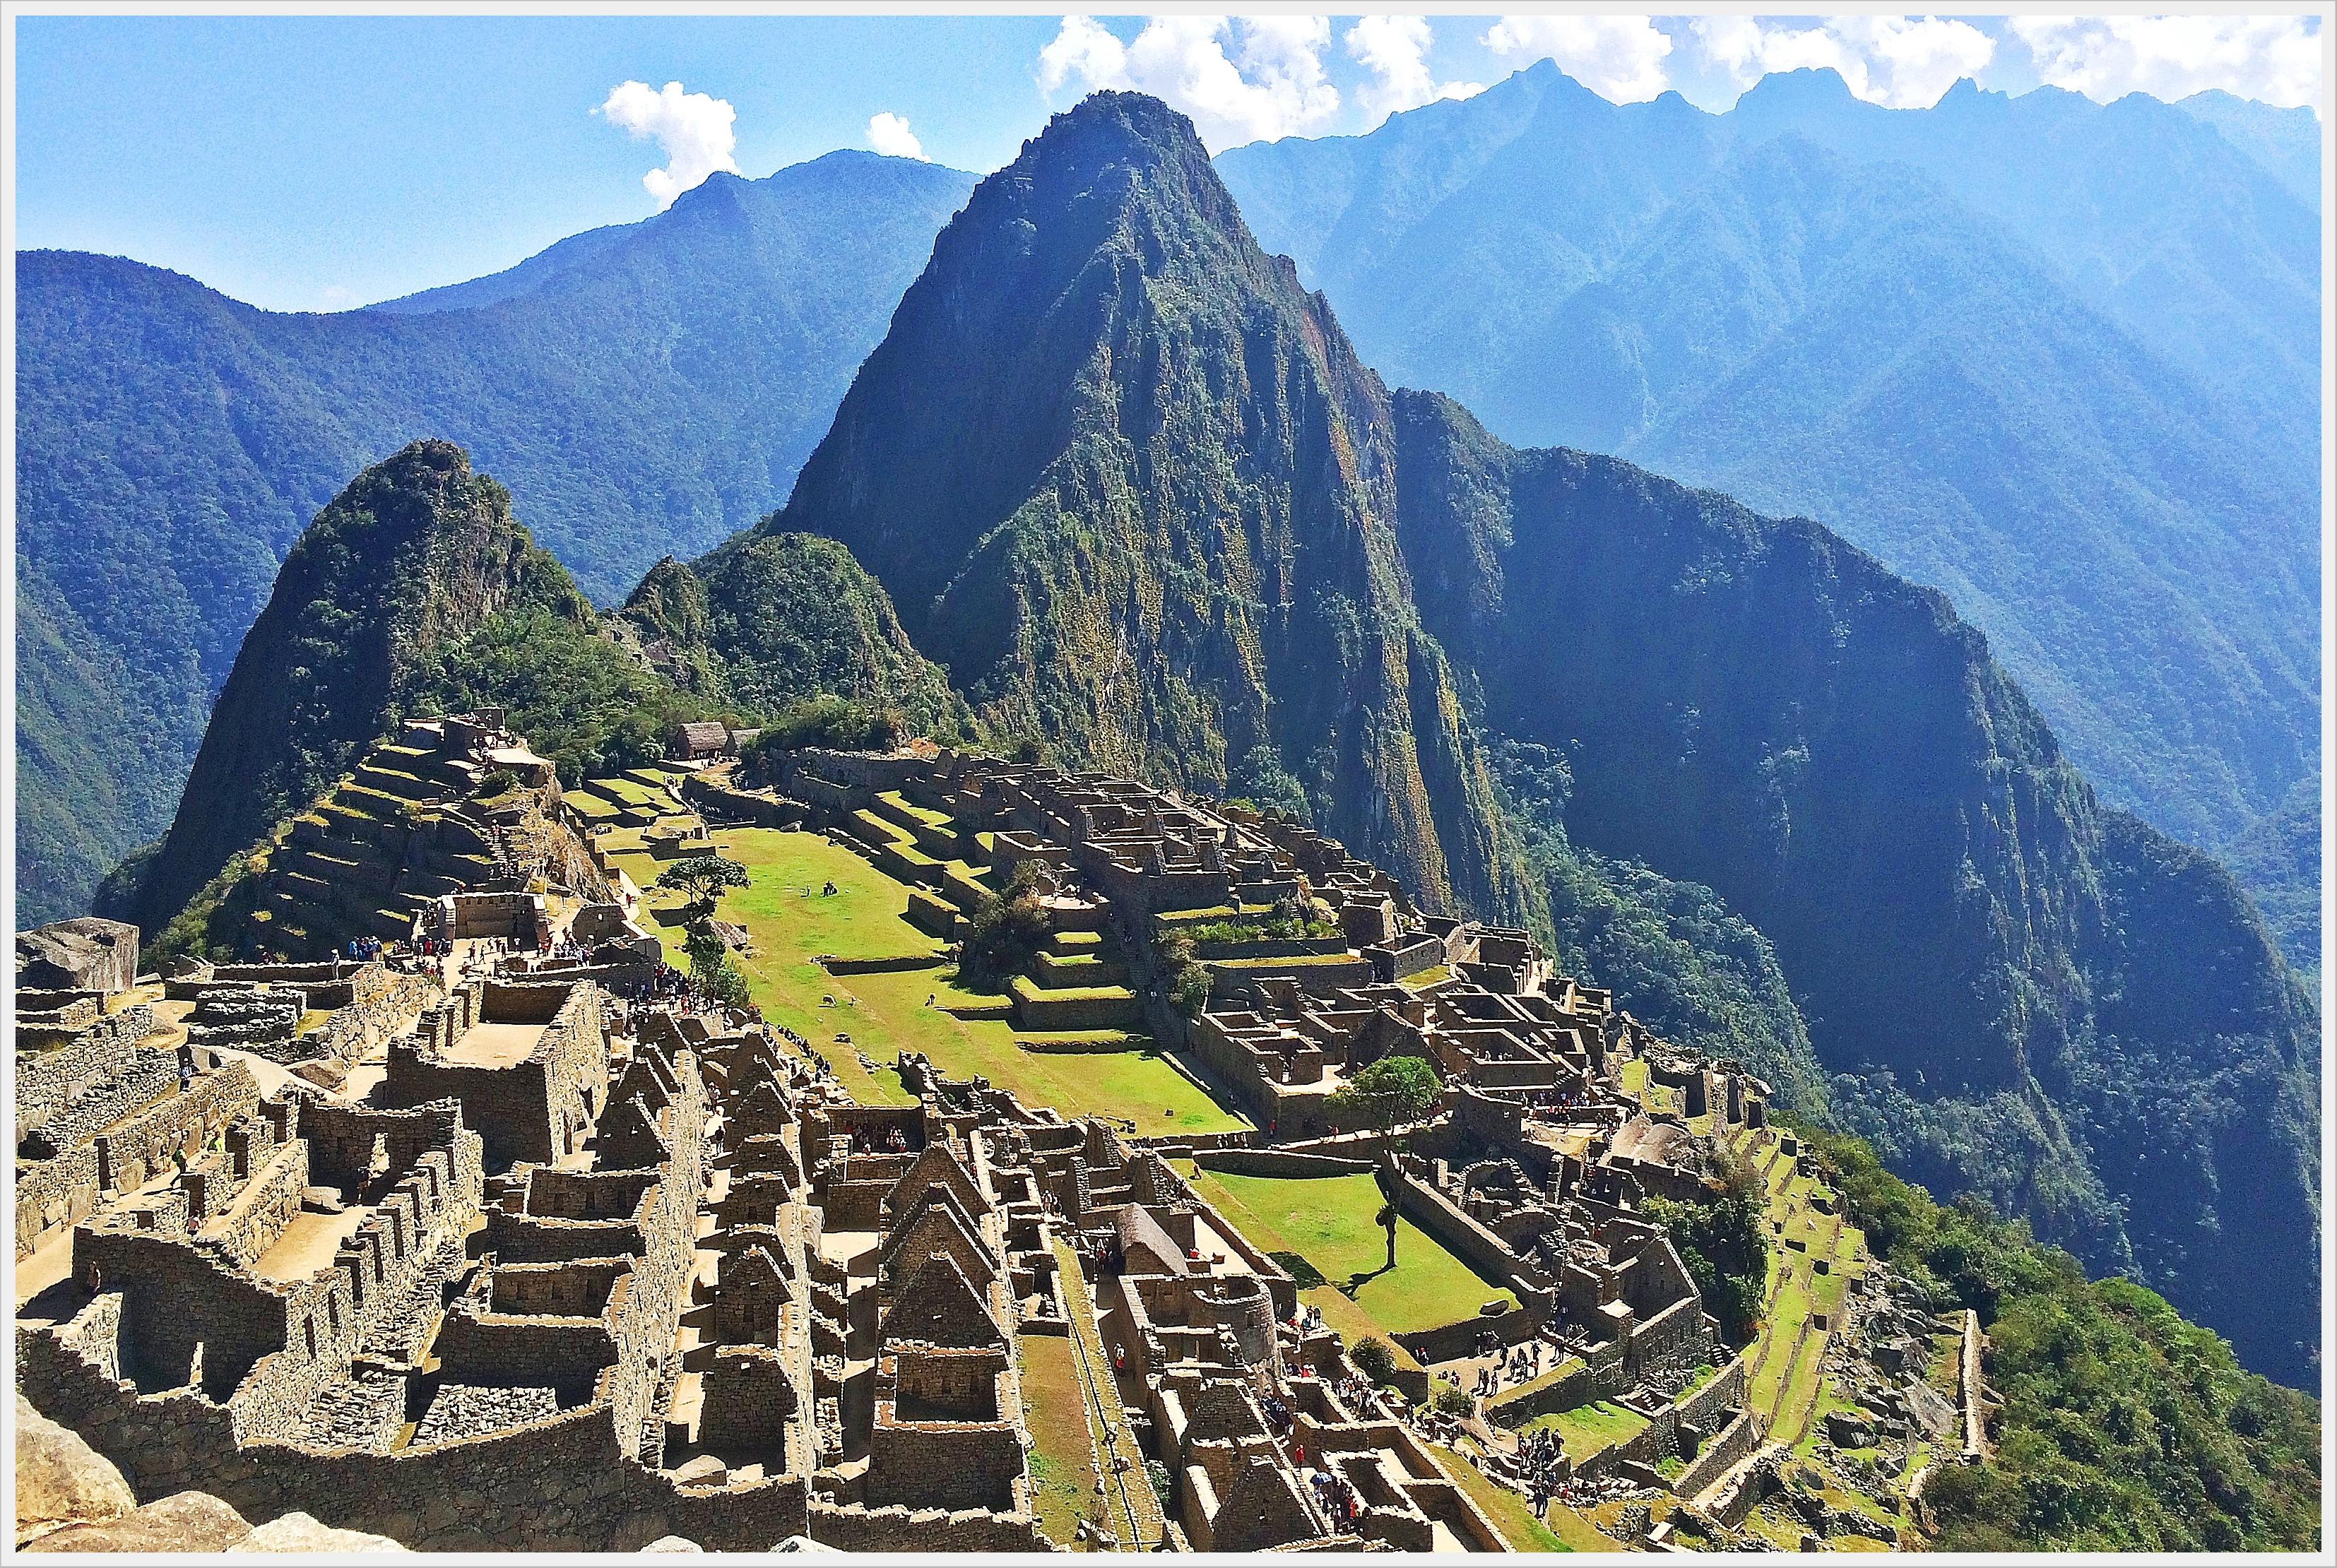 2016 Peru - Machu Picchu